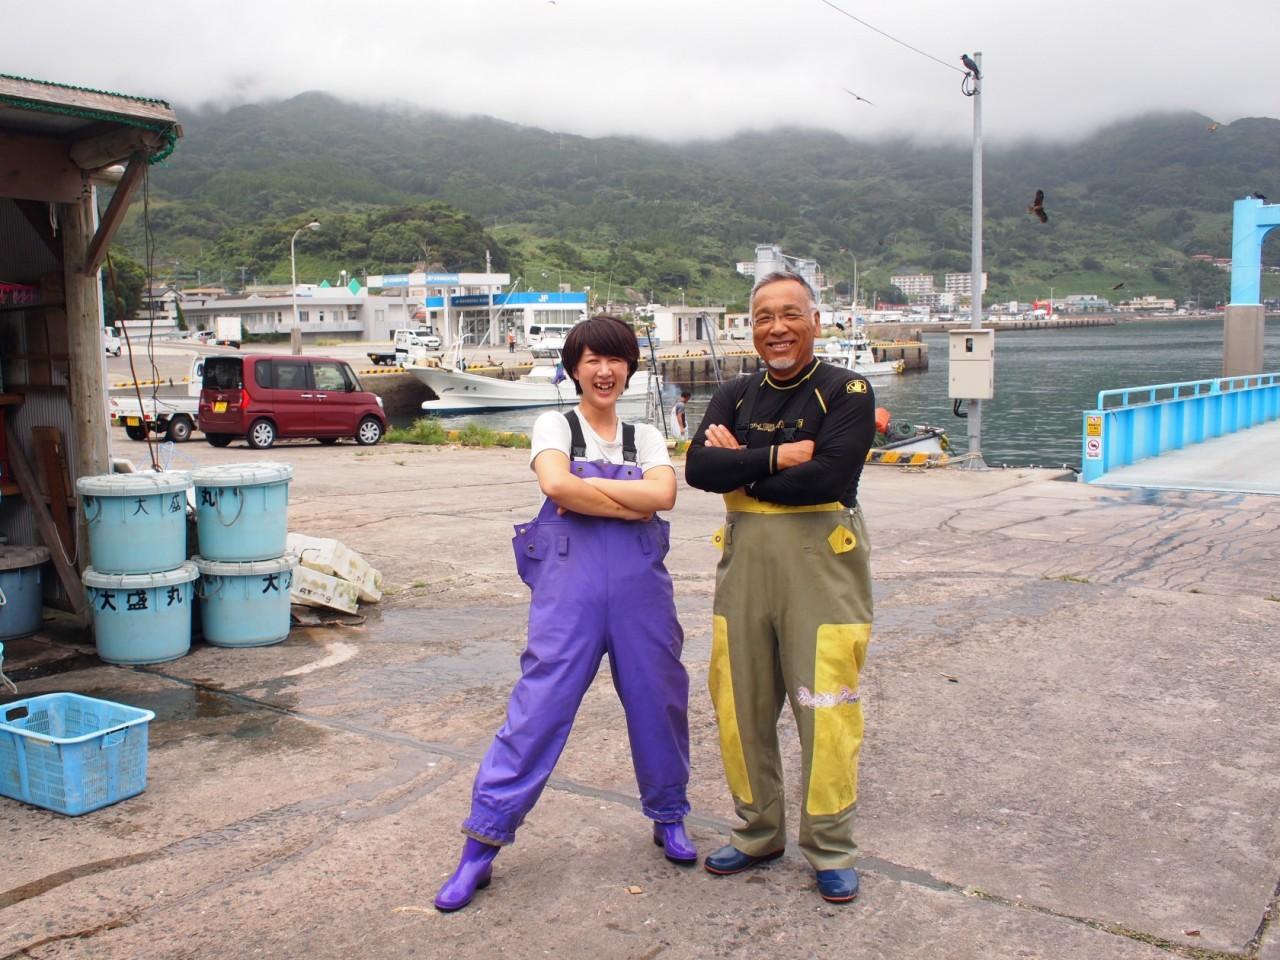 バスに乗り遅れたから出逢えた、下甑島のタカエビ漁師さんと観光案内所のお姉さん